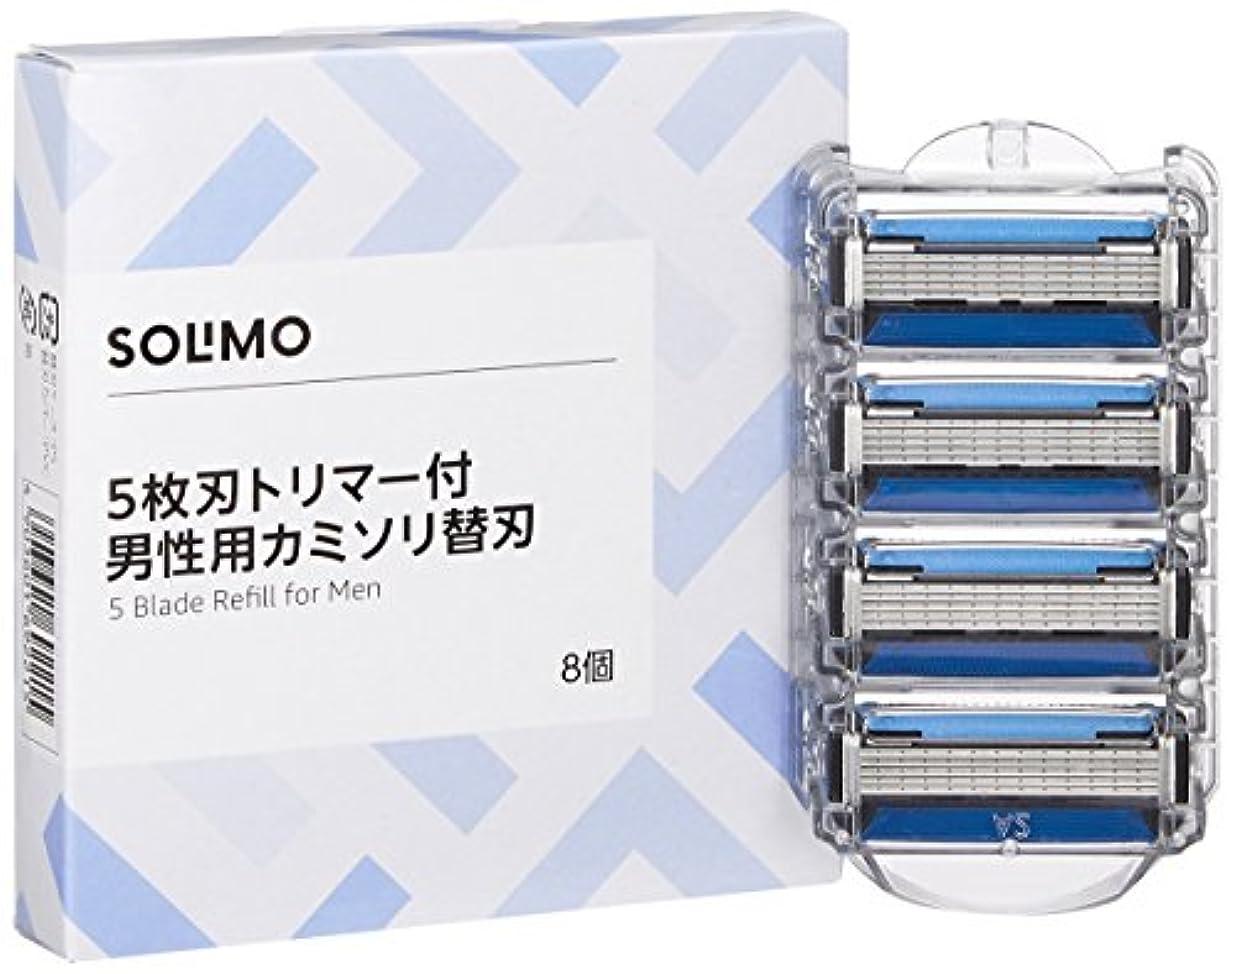 小説マークされた仮定、想定。推測[Amazonブランド]SOLIMO 5枚刃 トリマー付 男性用 カミソリ替刃8個